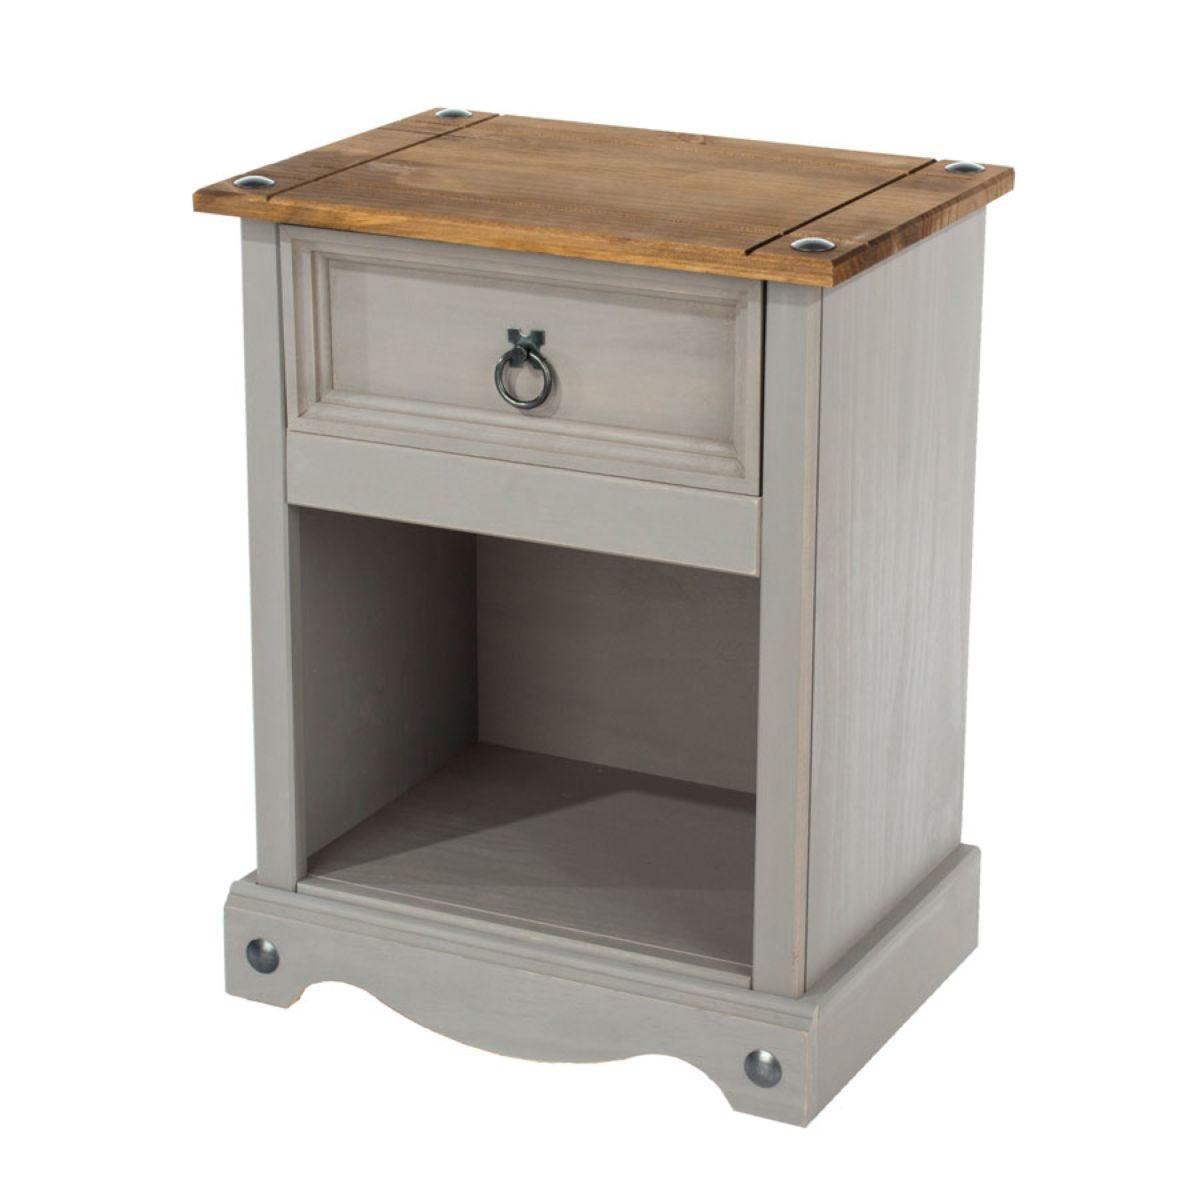 Halea Pine 1-Drawer Bedside Cabinet - Grey